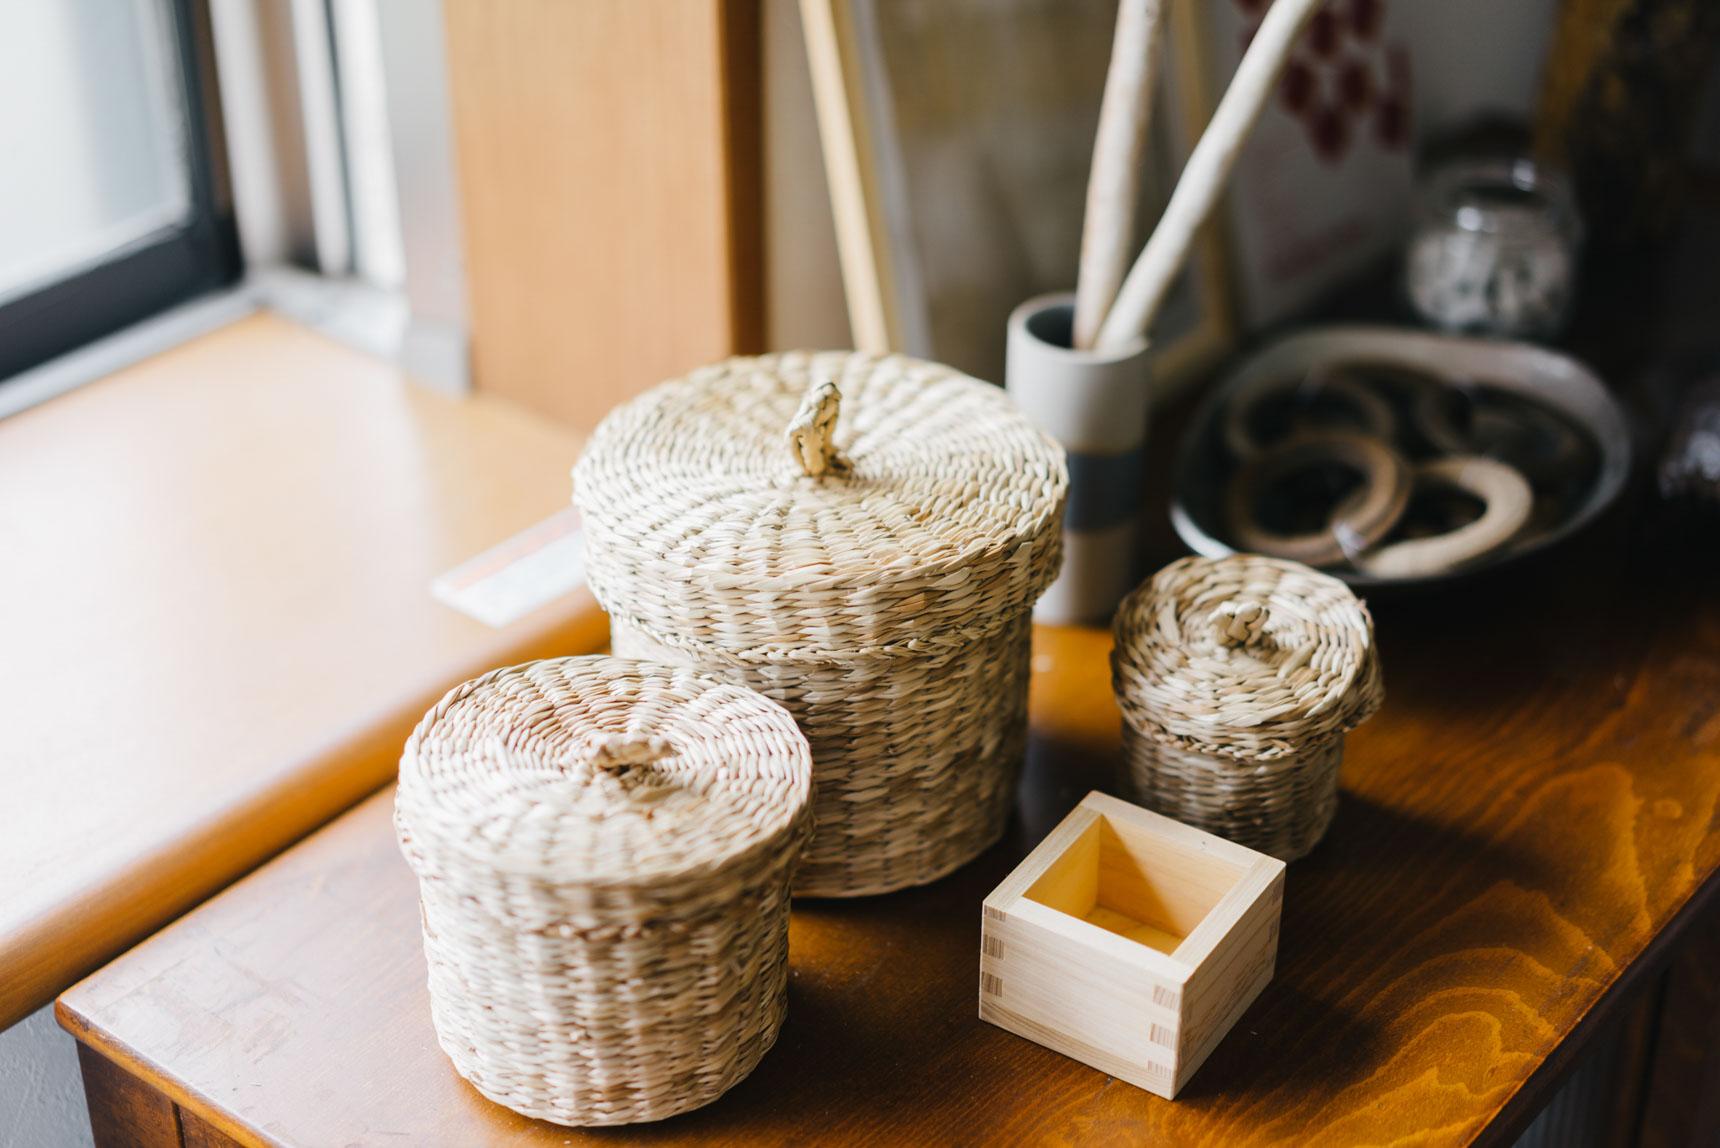 お部屋の各所に置かれているアイテムも、どことなく和を感じさせるものが多く、懐かしい雰囲気を作るのに一役買っています。